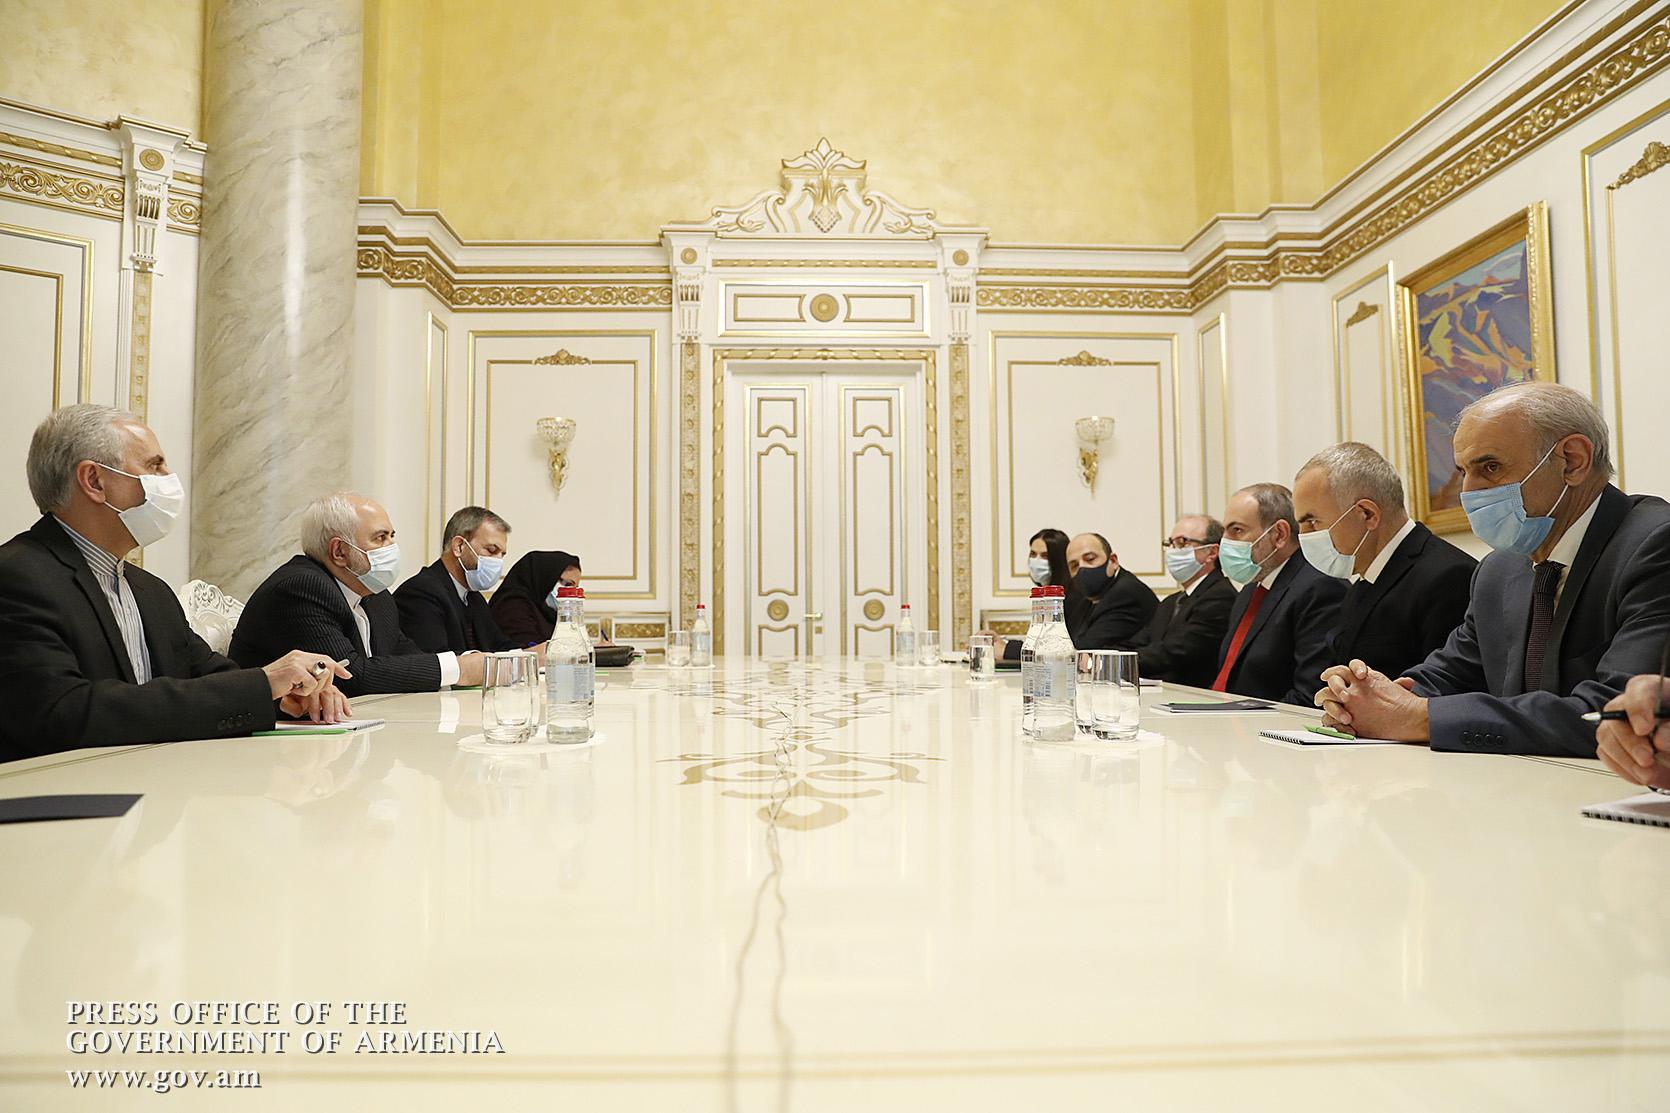 Photo of Տարածաշրջանի կայունությունն ու խաղաղությունը մեր ընդհանուր հետաքրքրությունների տիրույթում է. վարչապետն ընդունել է Իրանի ԱԳ նախարարին